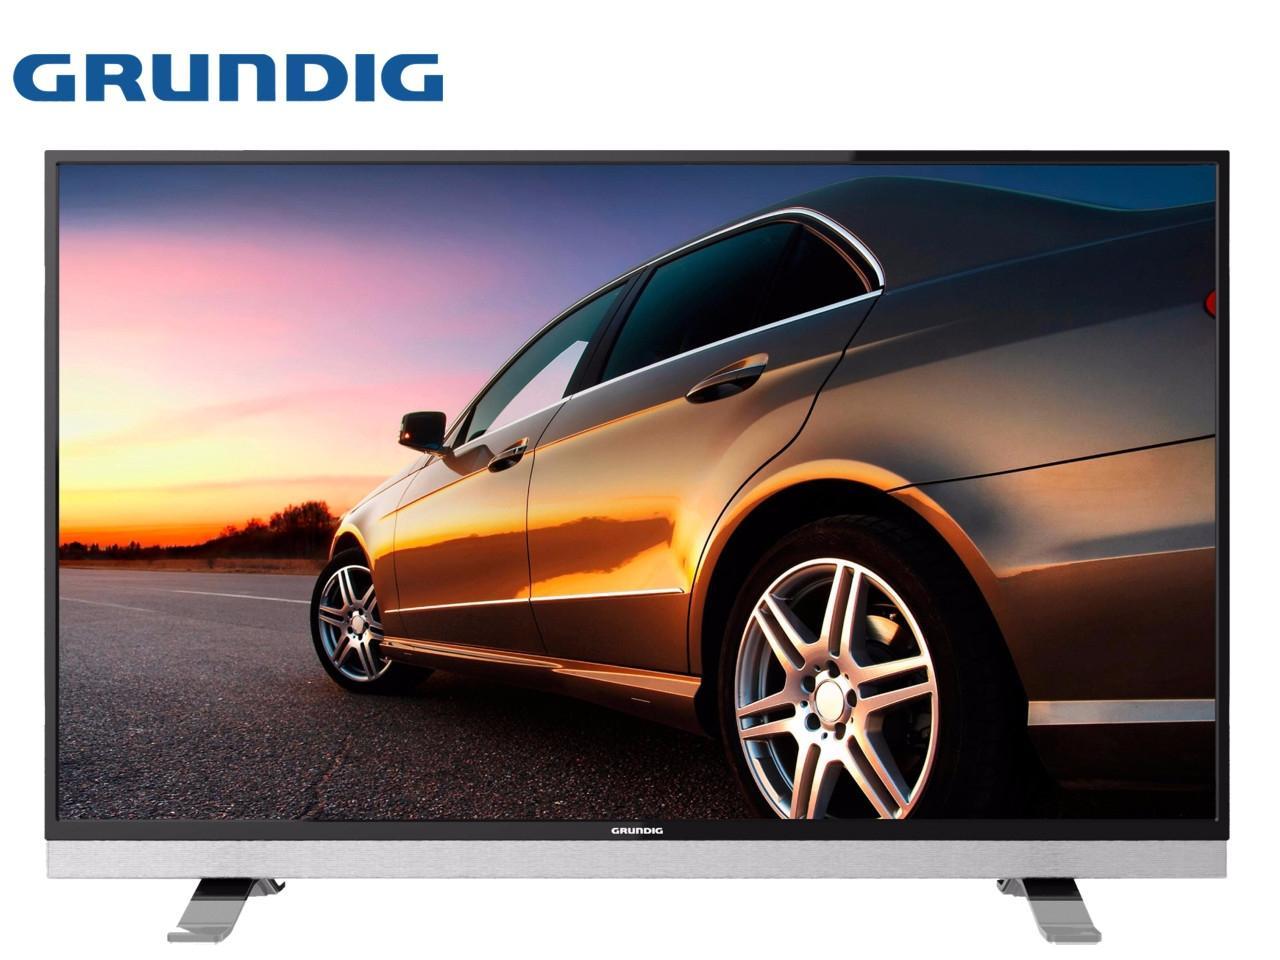 GRUNDIG 48 VLX 881 BL + poukaz 1000 Kč na další nákup!! + 500 Kč na dárky nebo další nákup | CHAT on-line podpora PO-PÁ 8-22.00!!